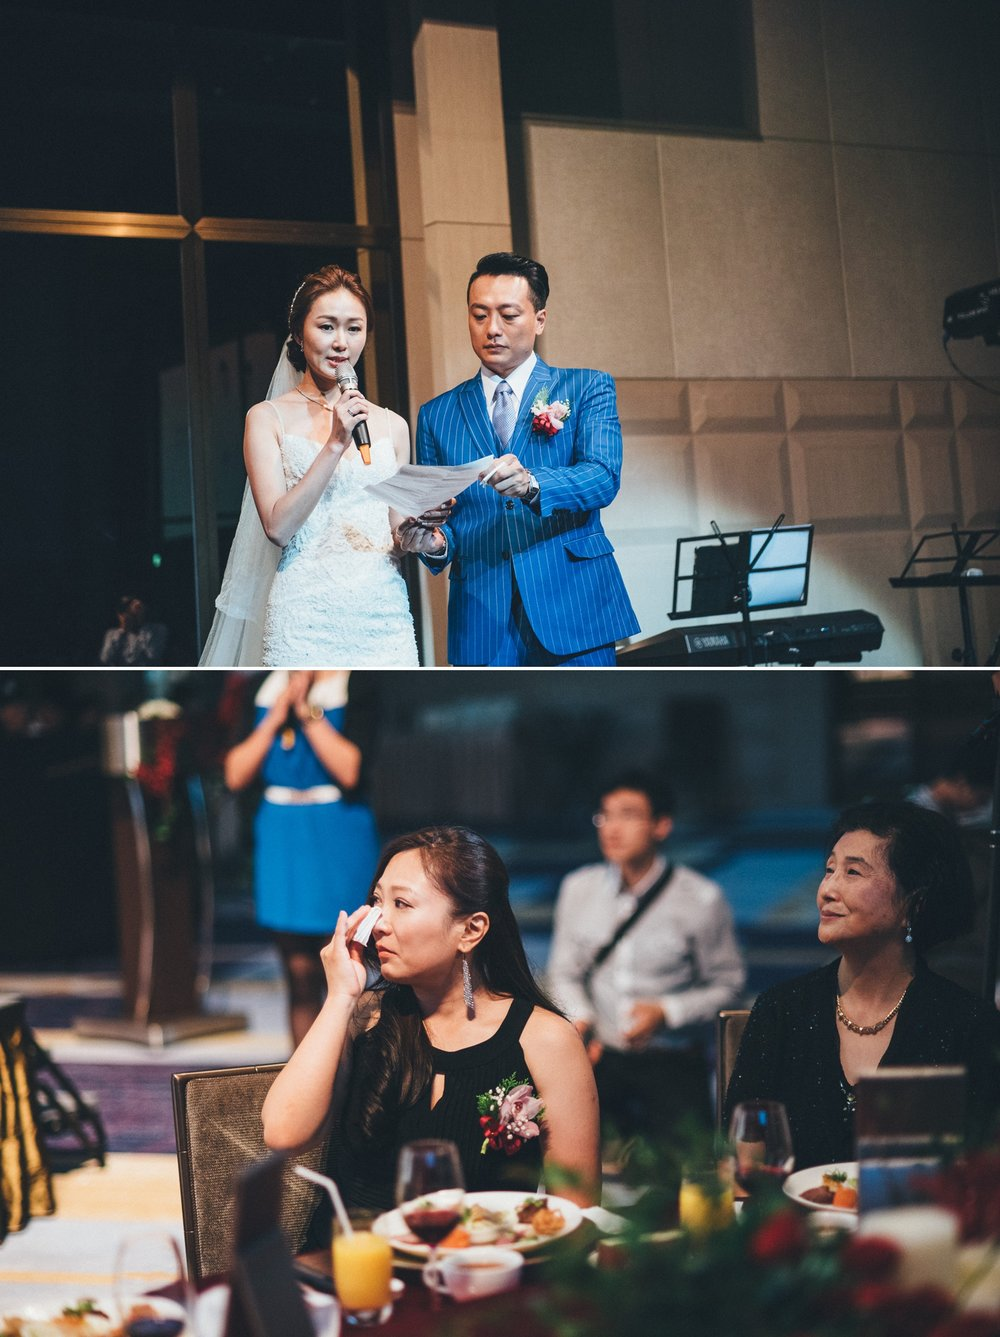 婚禮攝影_台北婚禮攝影推薦